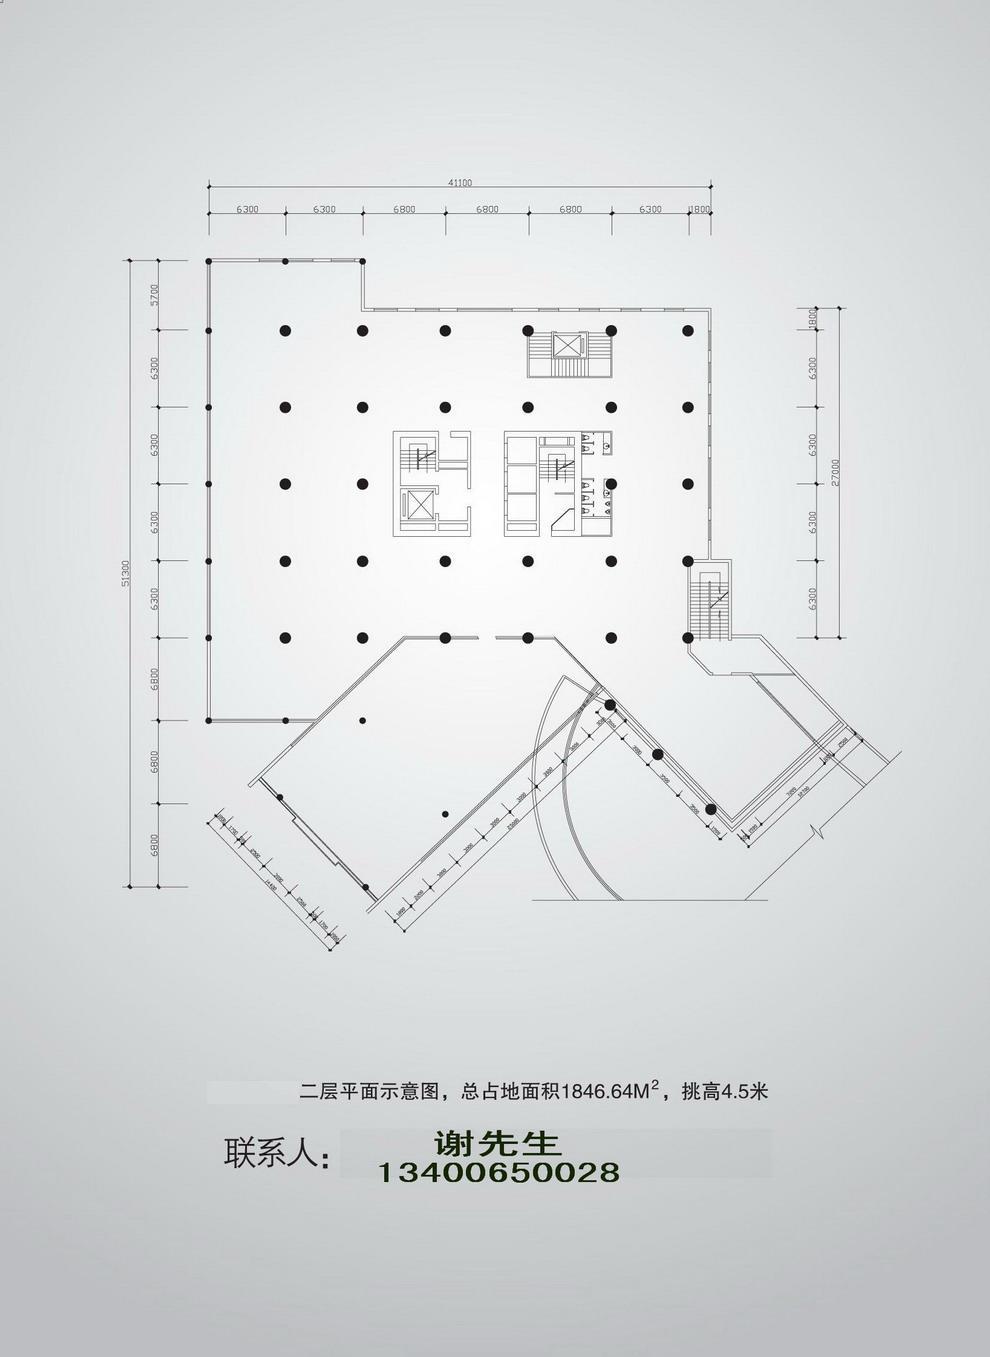 商场地面平面图设计